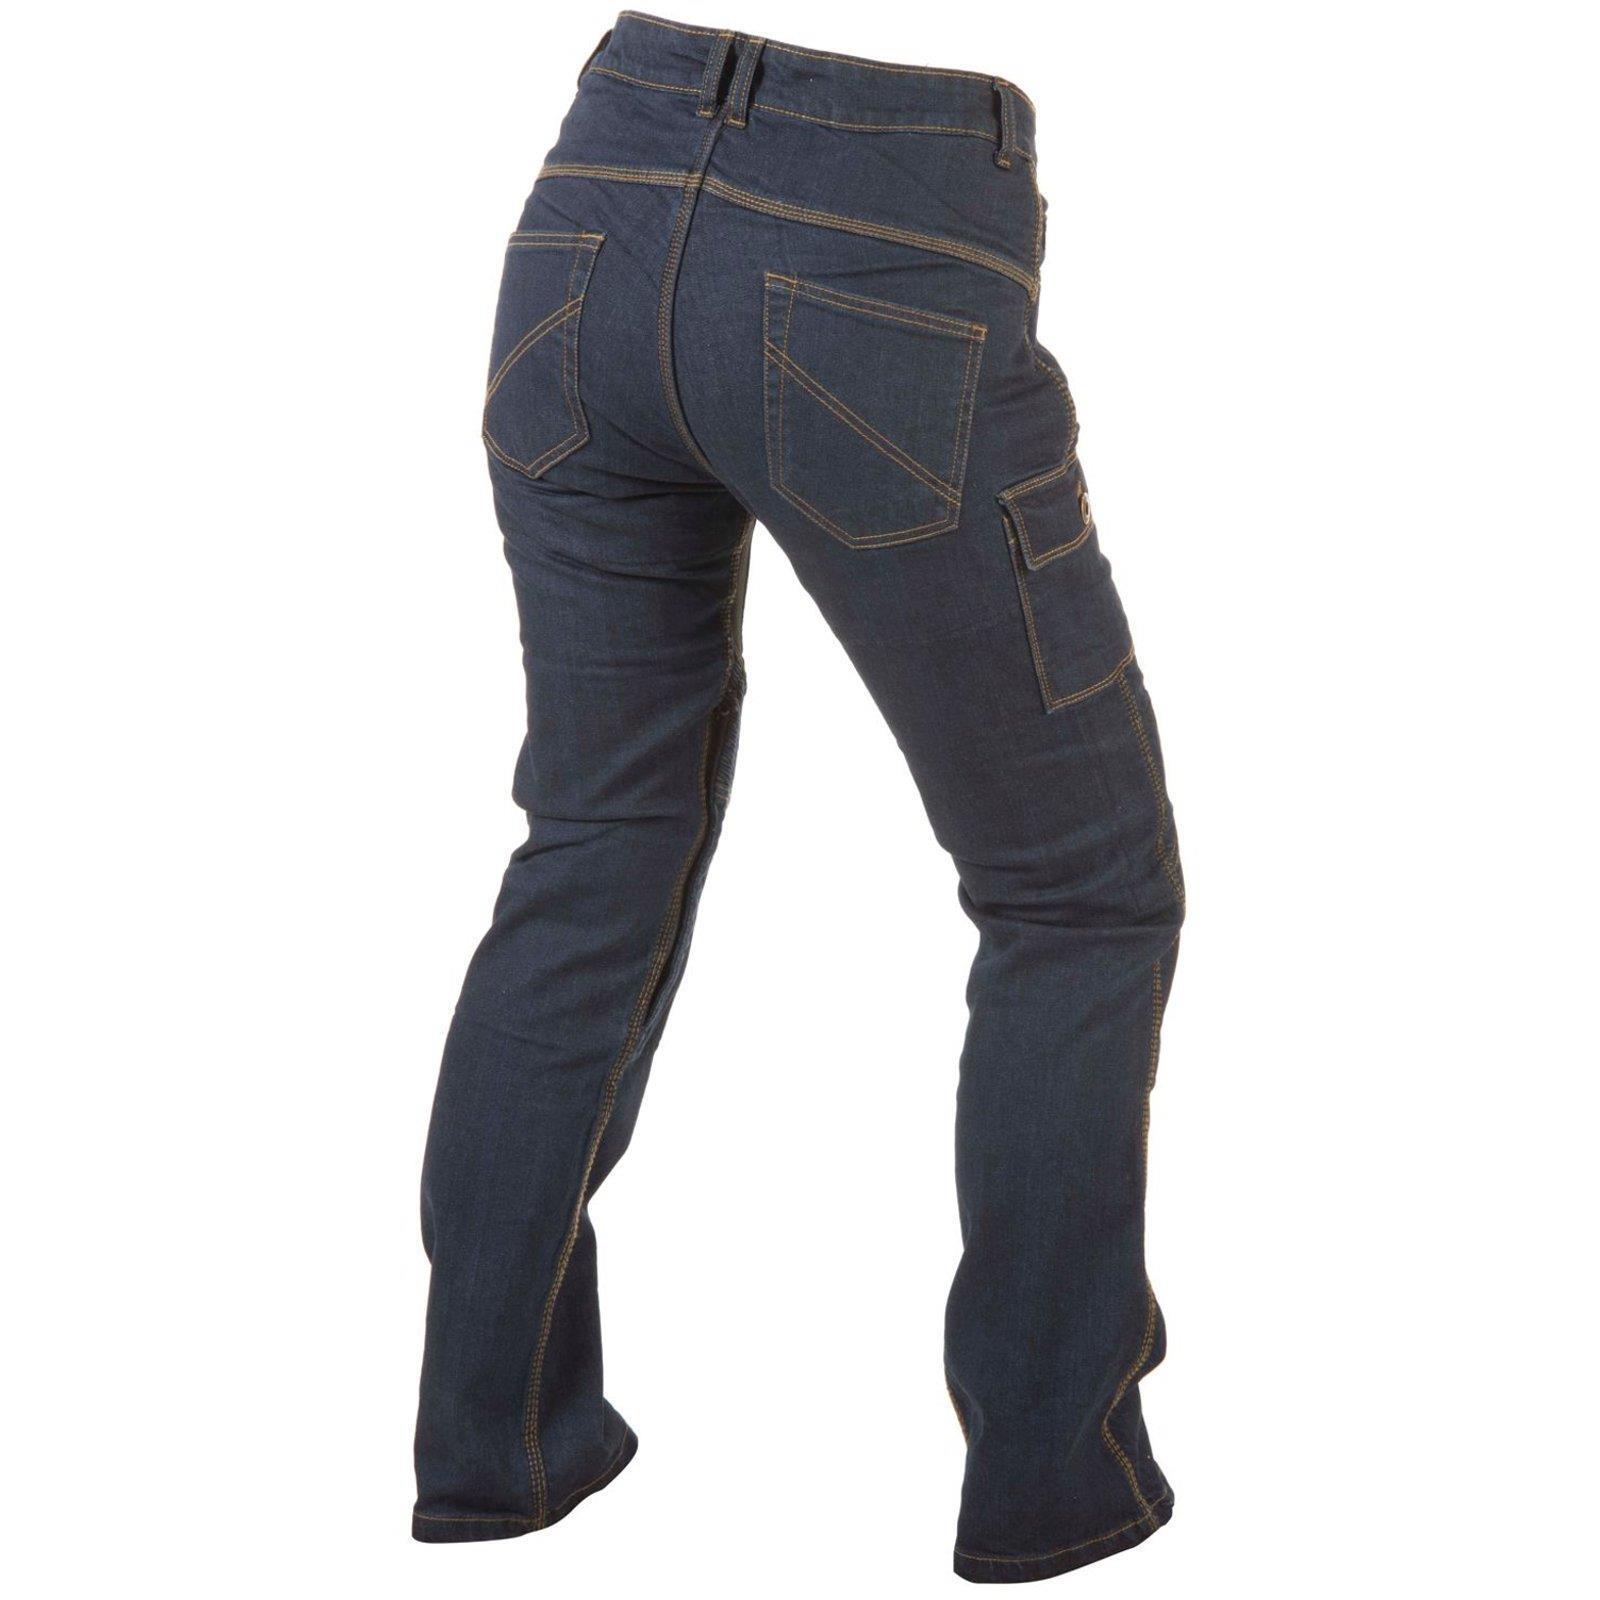 trilobite smart damen motorrad jeans hose l nge 32 hoher. Black Bedroom Furniture Sets. Home Design Ideas